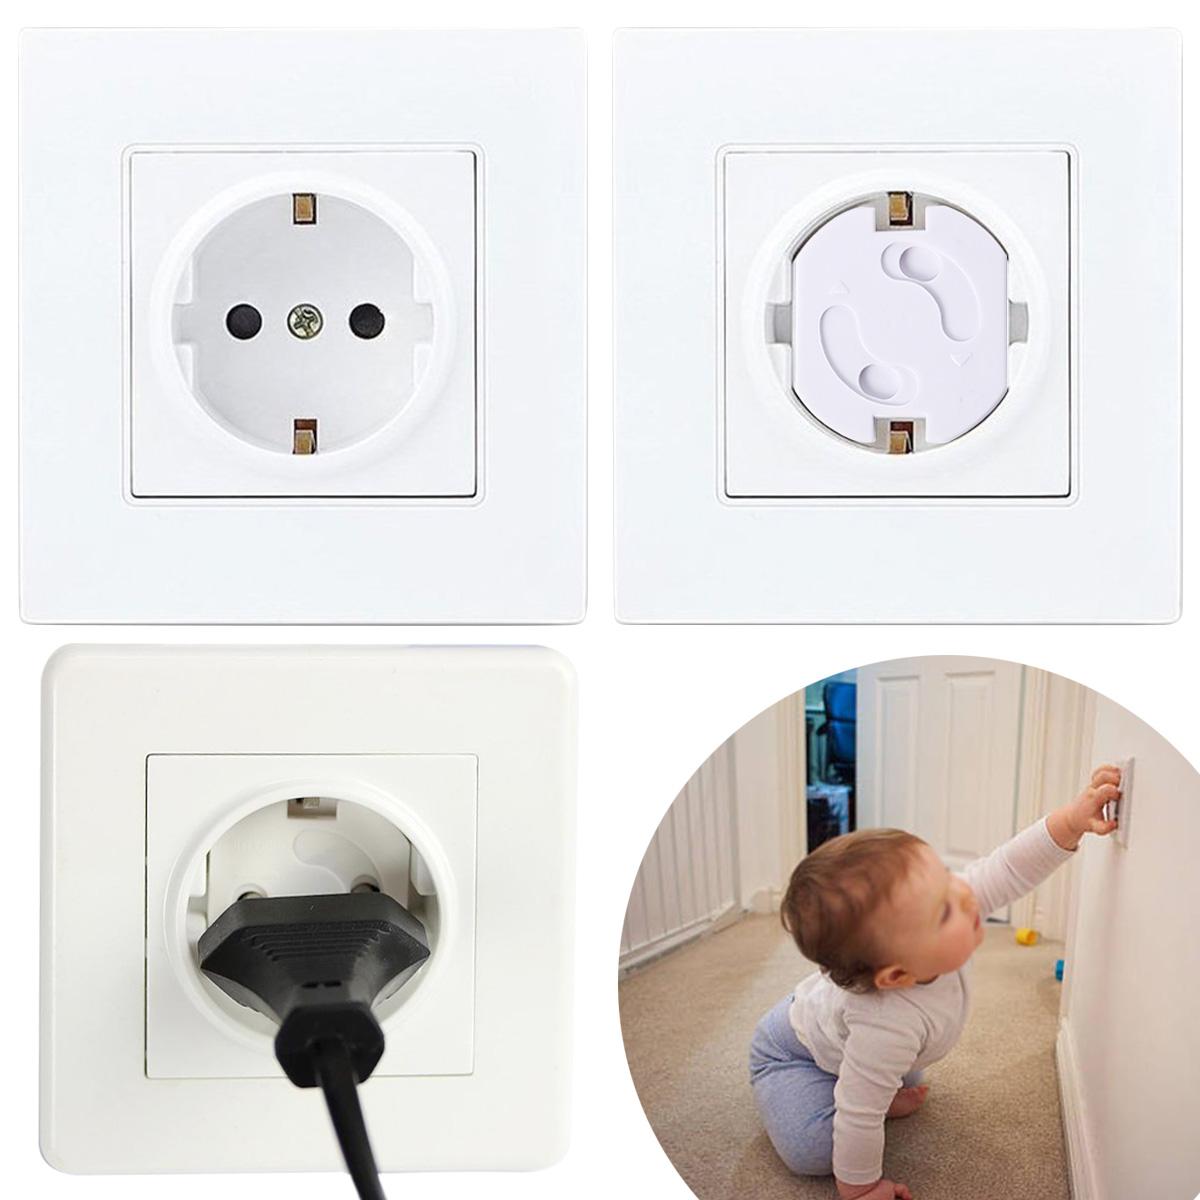 20x cache prise rotatif pour prise de courant electrique protection